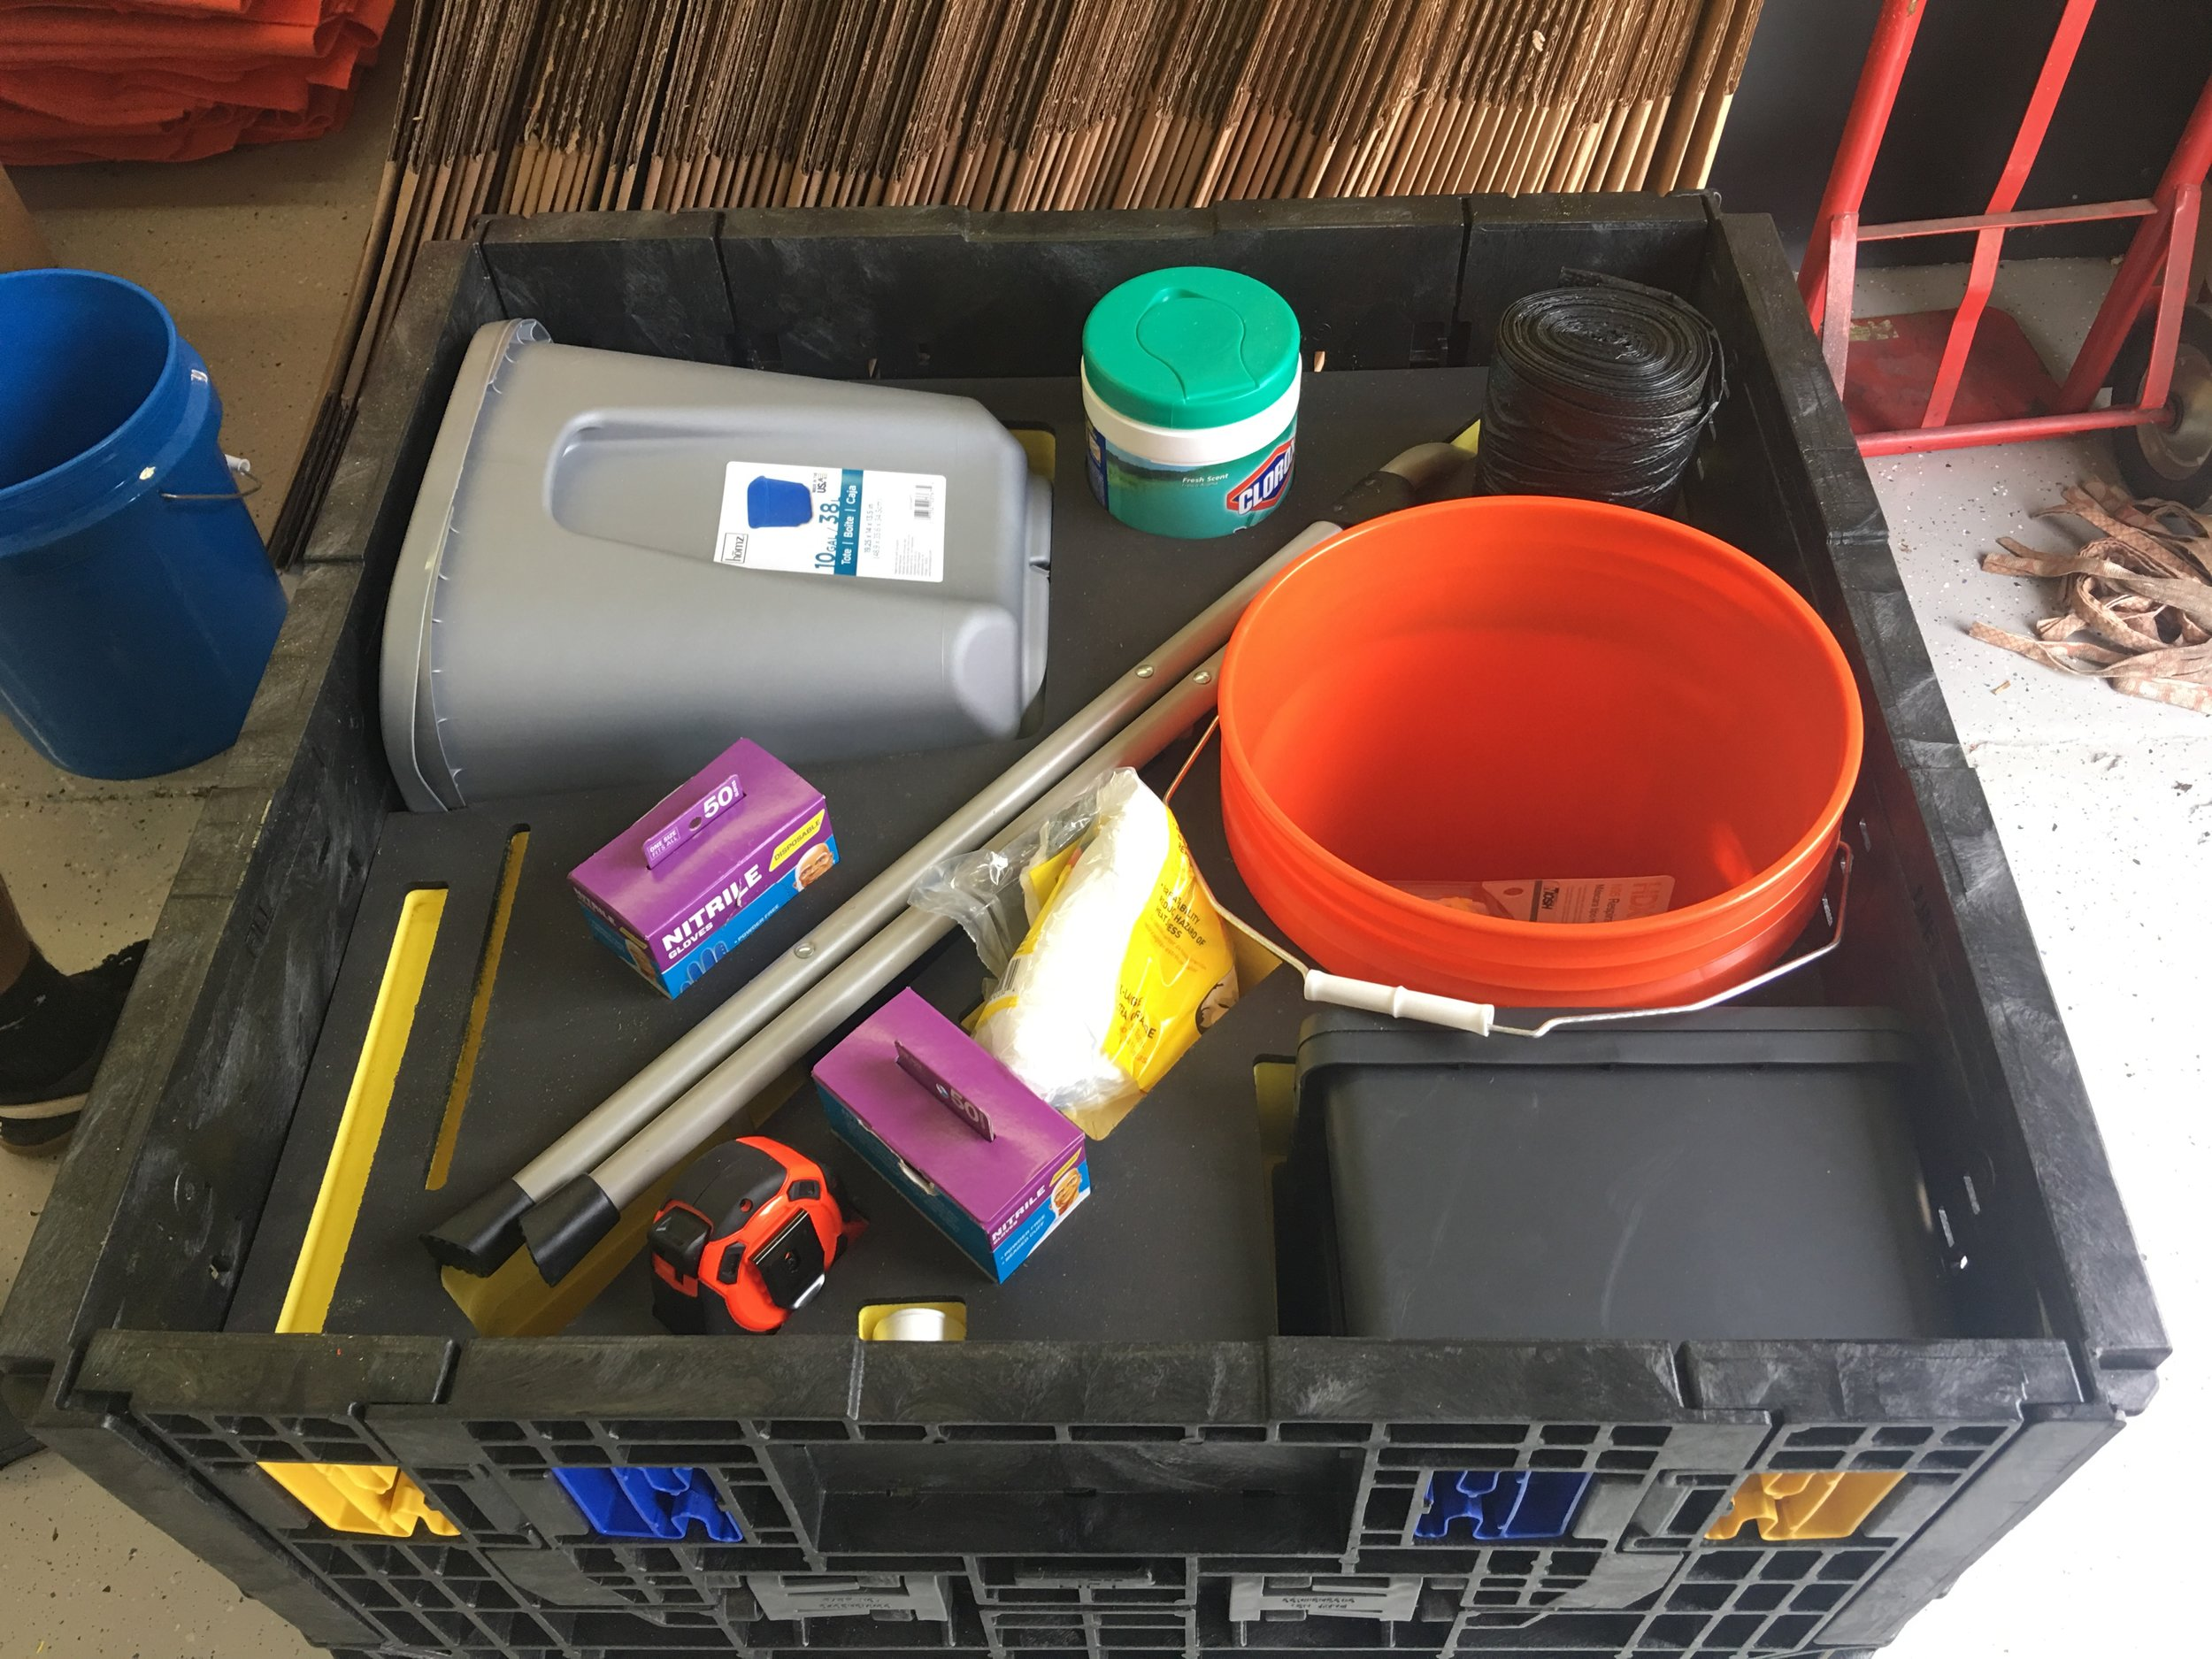 porsche battery clean up kit 4.JPG